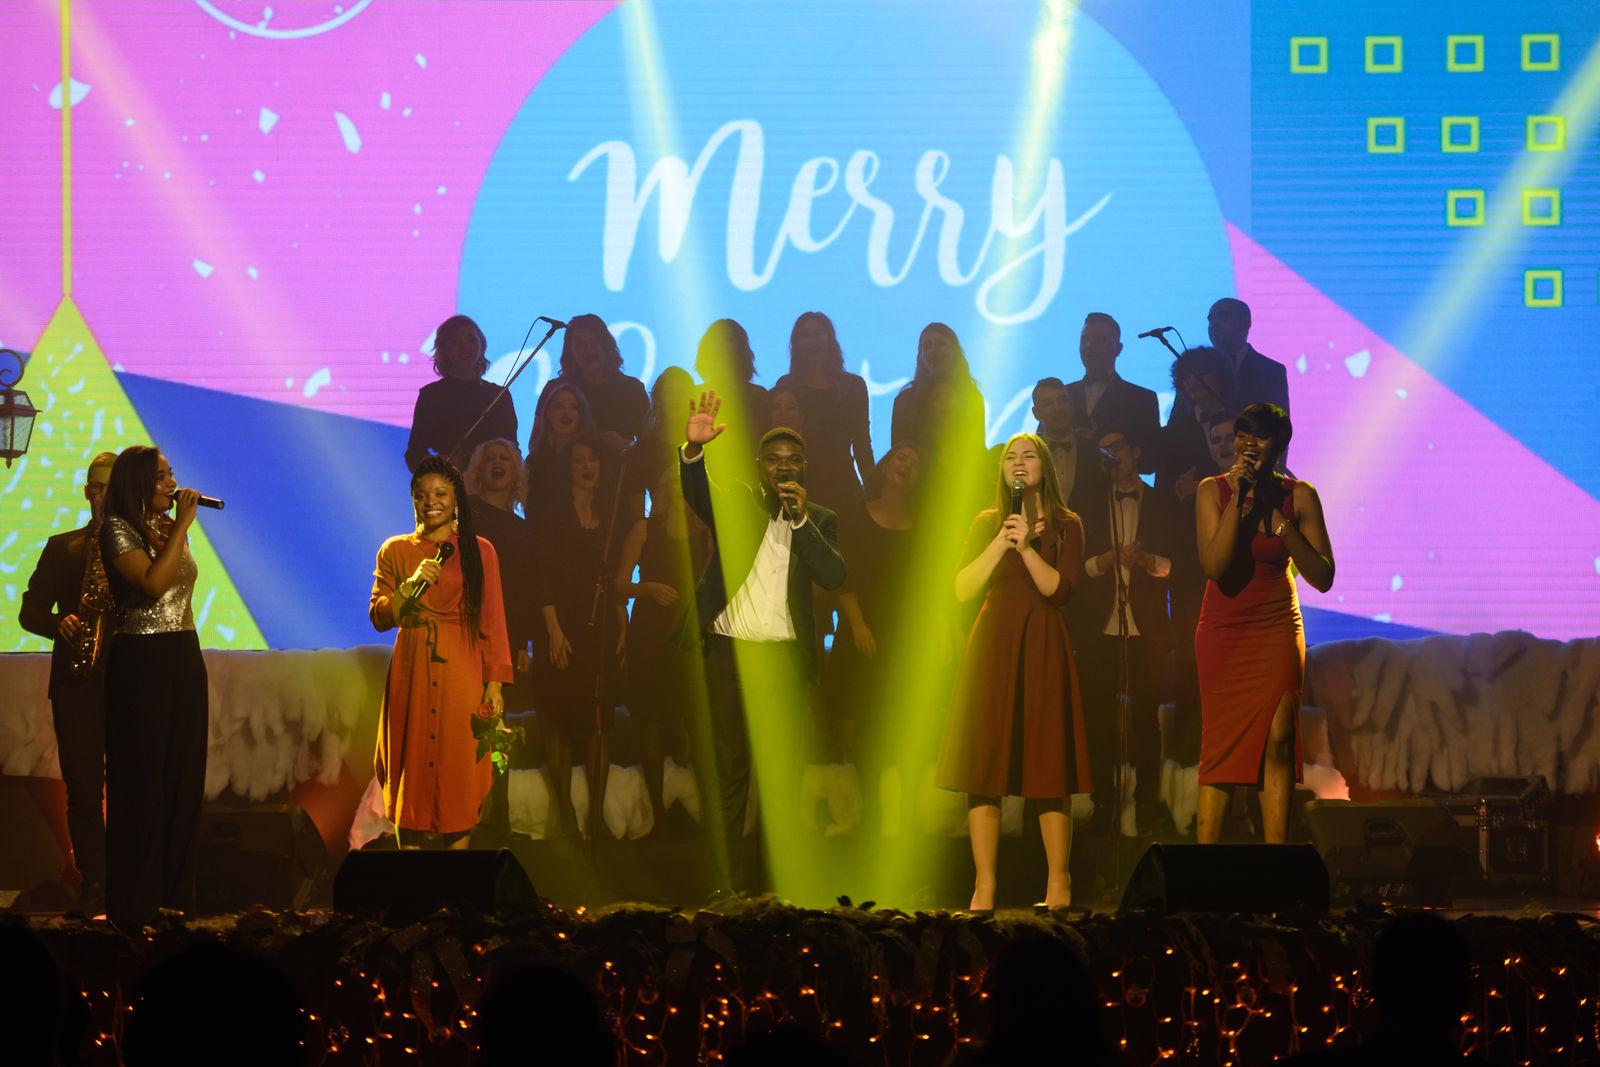 Різдвяне містечко на малинській – свято для всієї родини